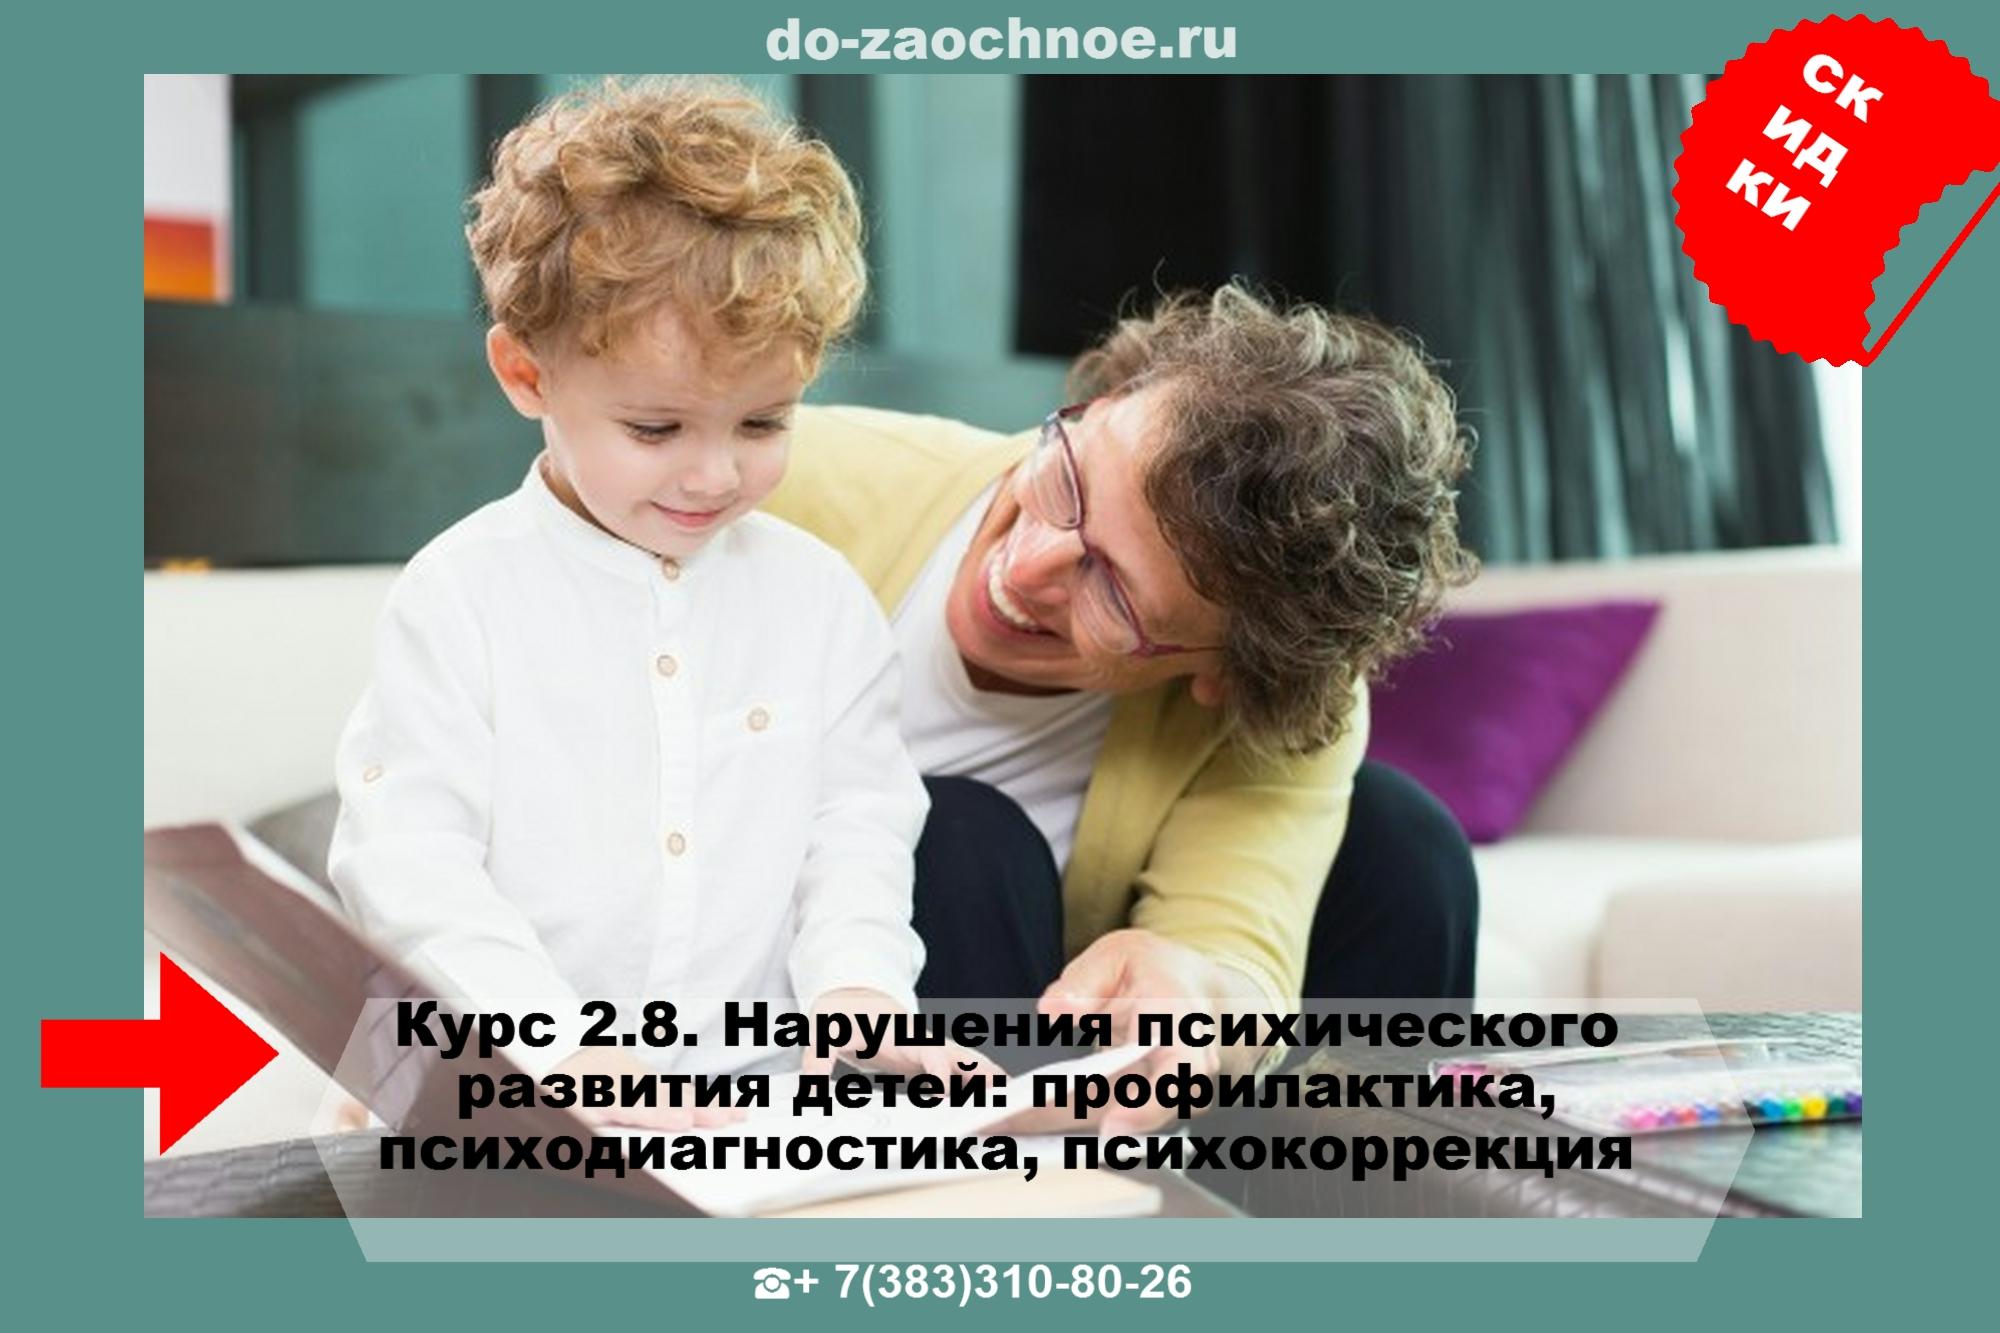 ИДПК дистанционные курсы Нарушения психического развития детей на do-zaochnoe.ru ТУТ!